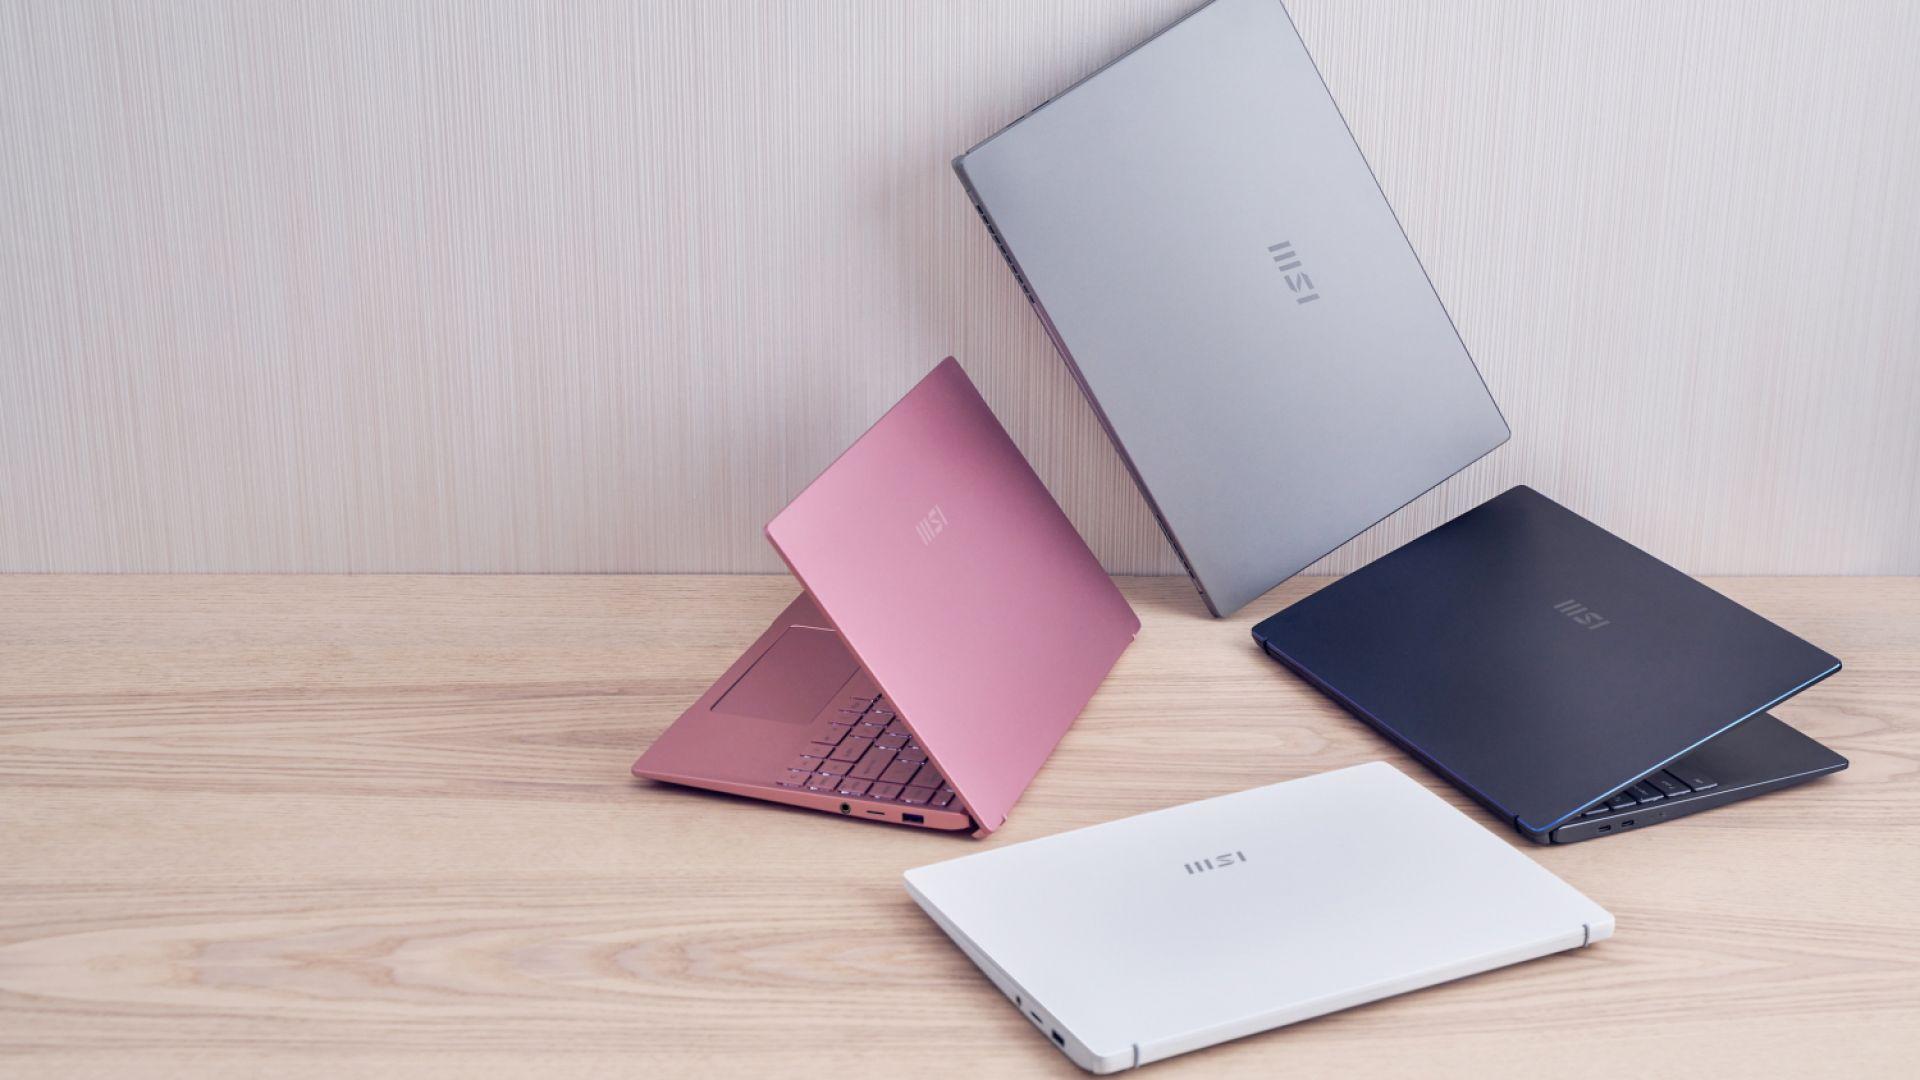 Оптимизирай ученето и работата си с нов бранд лаптопи